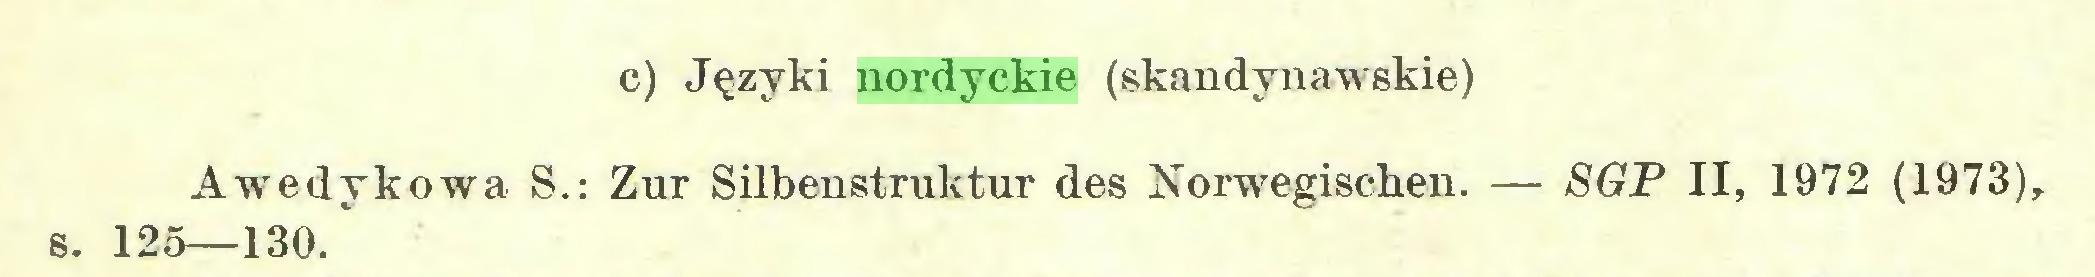 (...) c) Języki nordyckie (skandynawskie) Awedykowa S.: Zur Silbenstruktur des Norwegischen. — SGP II, 1972 (1973), s. 125—130...